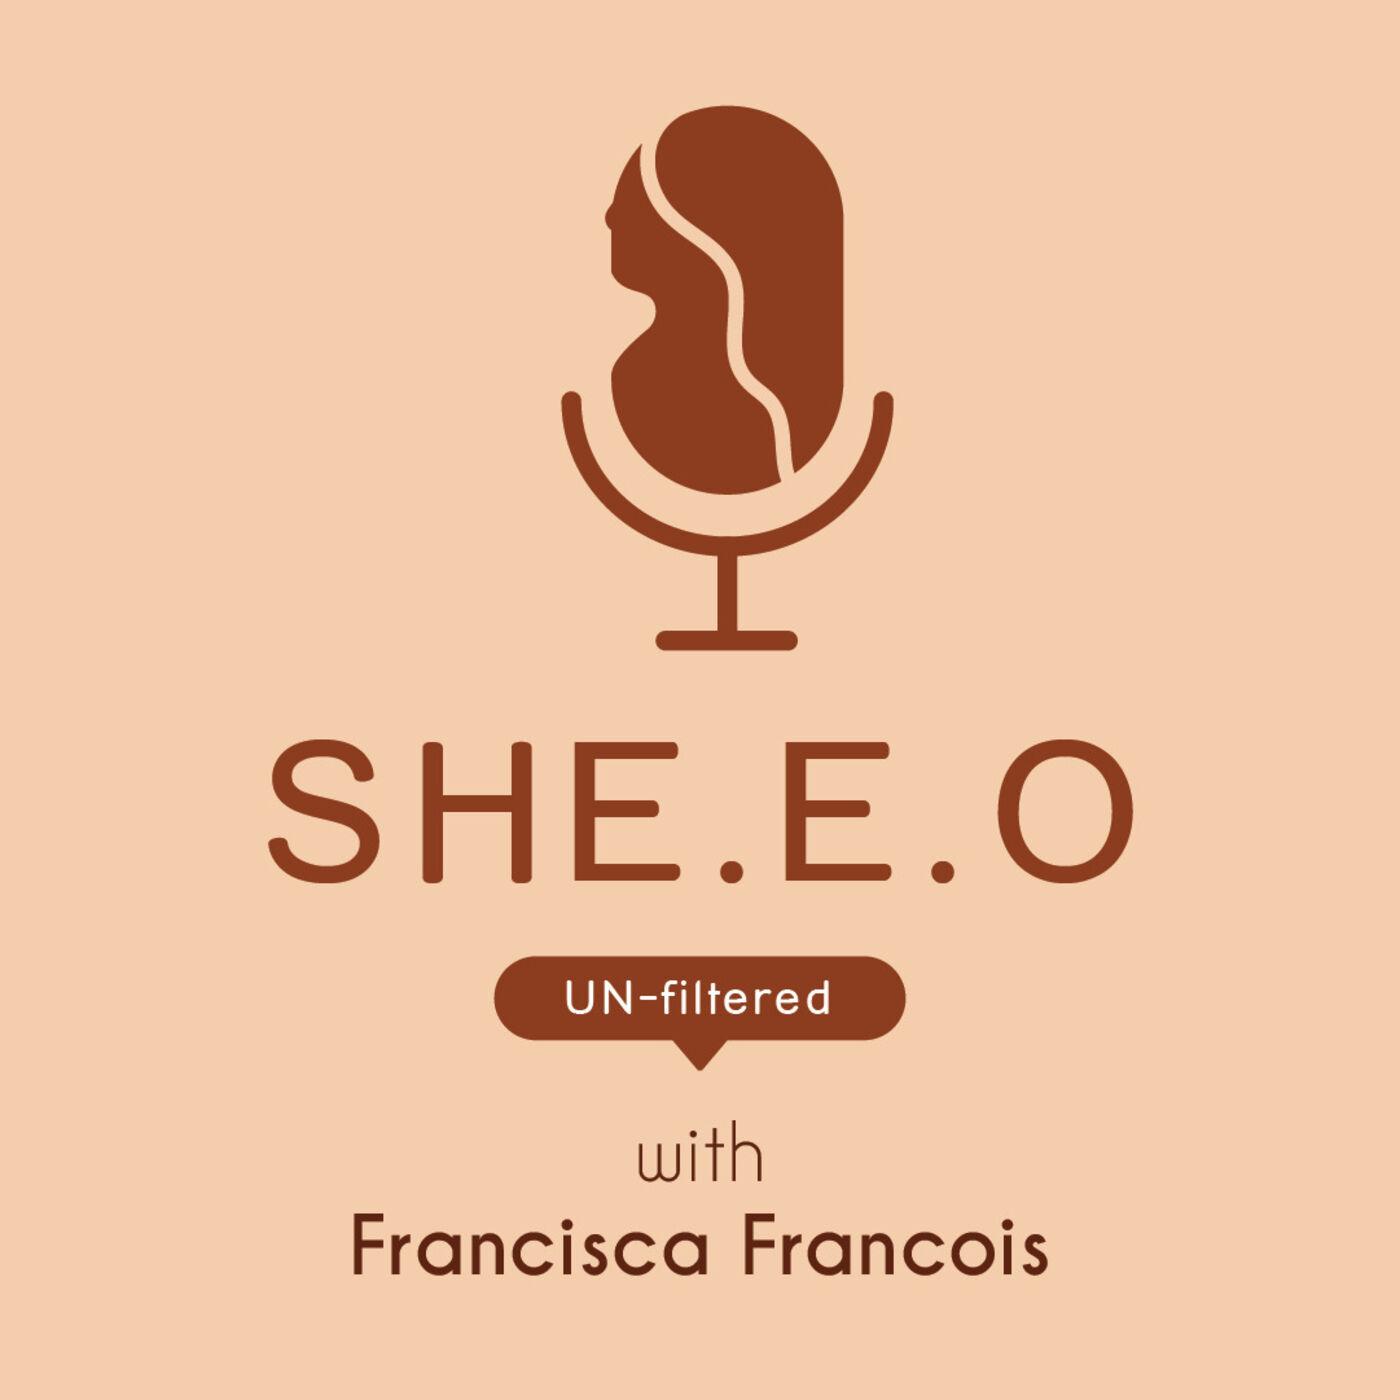 SHE.E.O Unfiltered